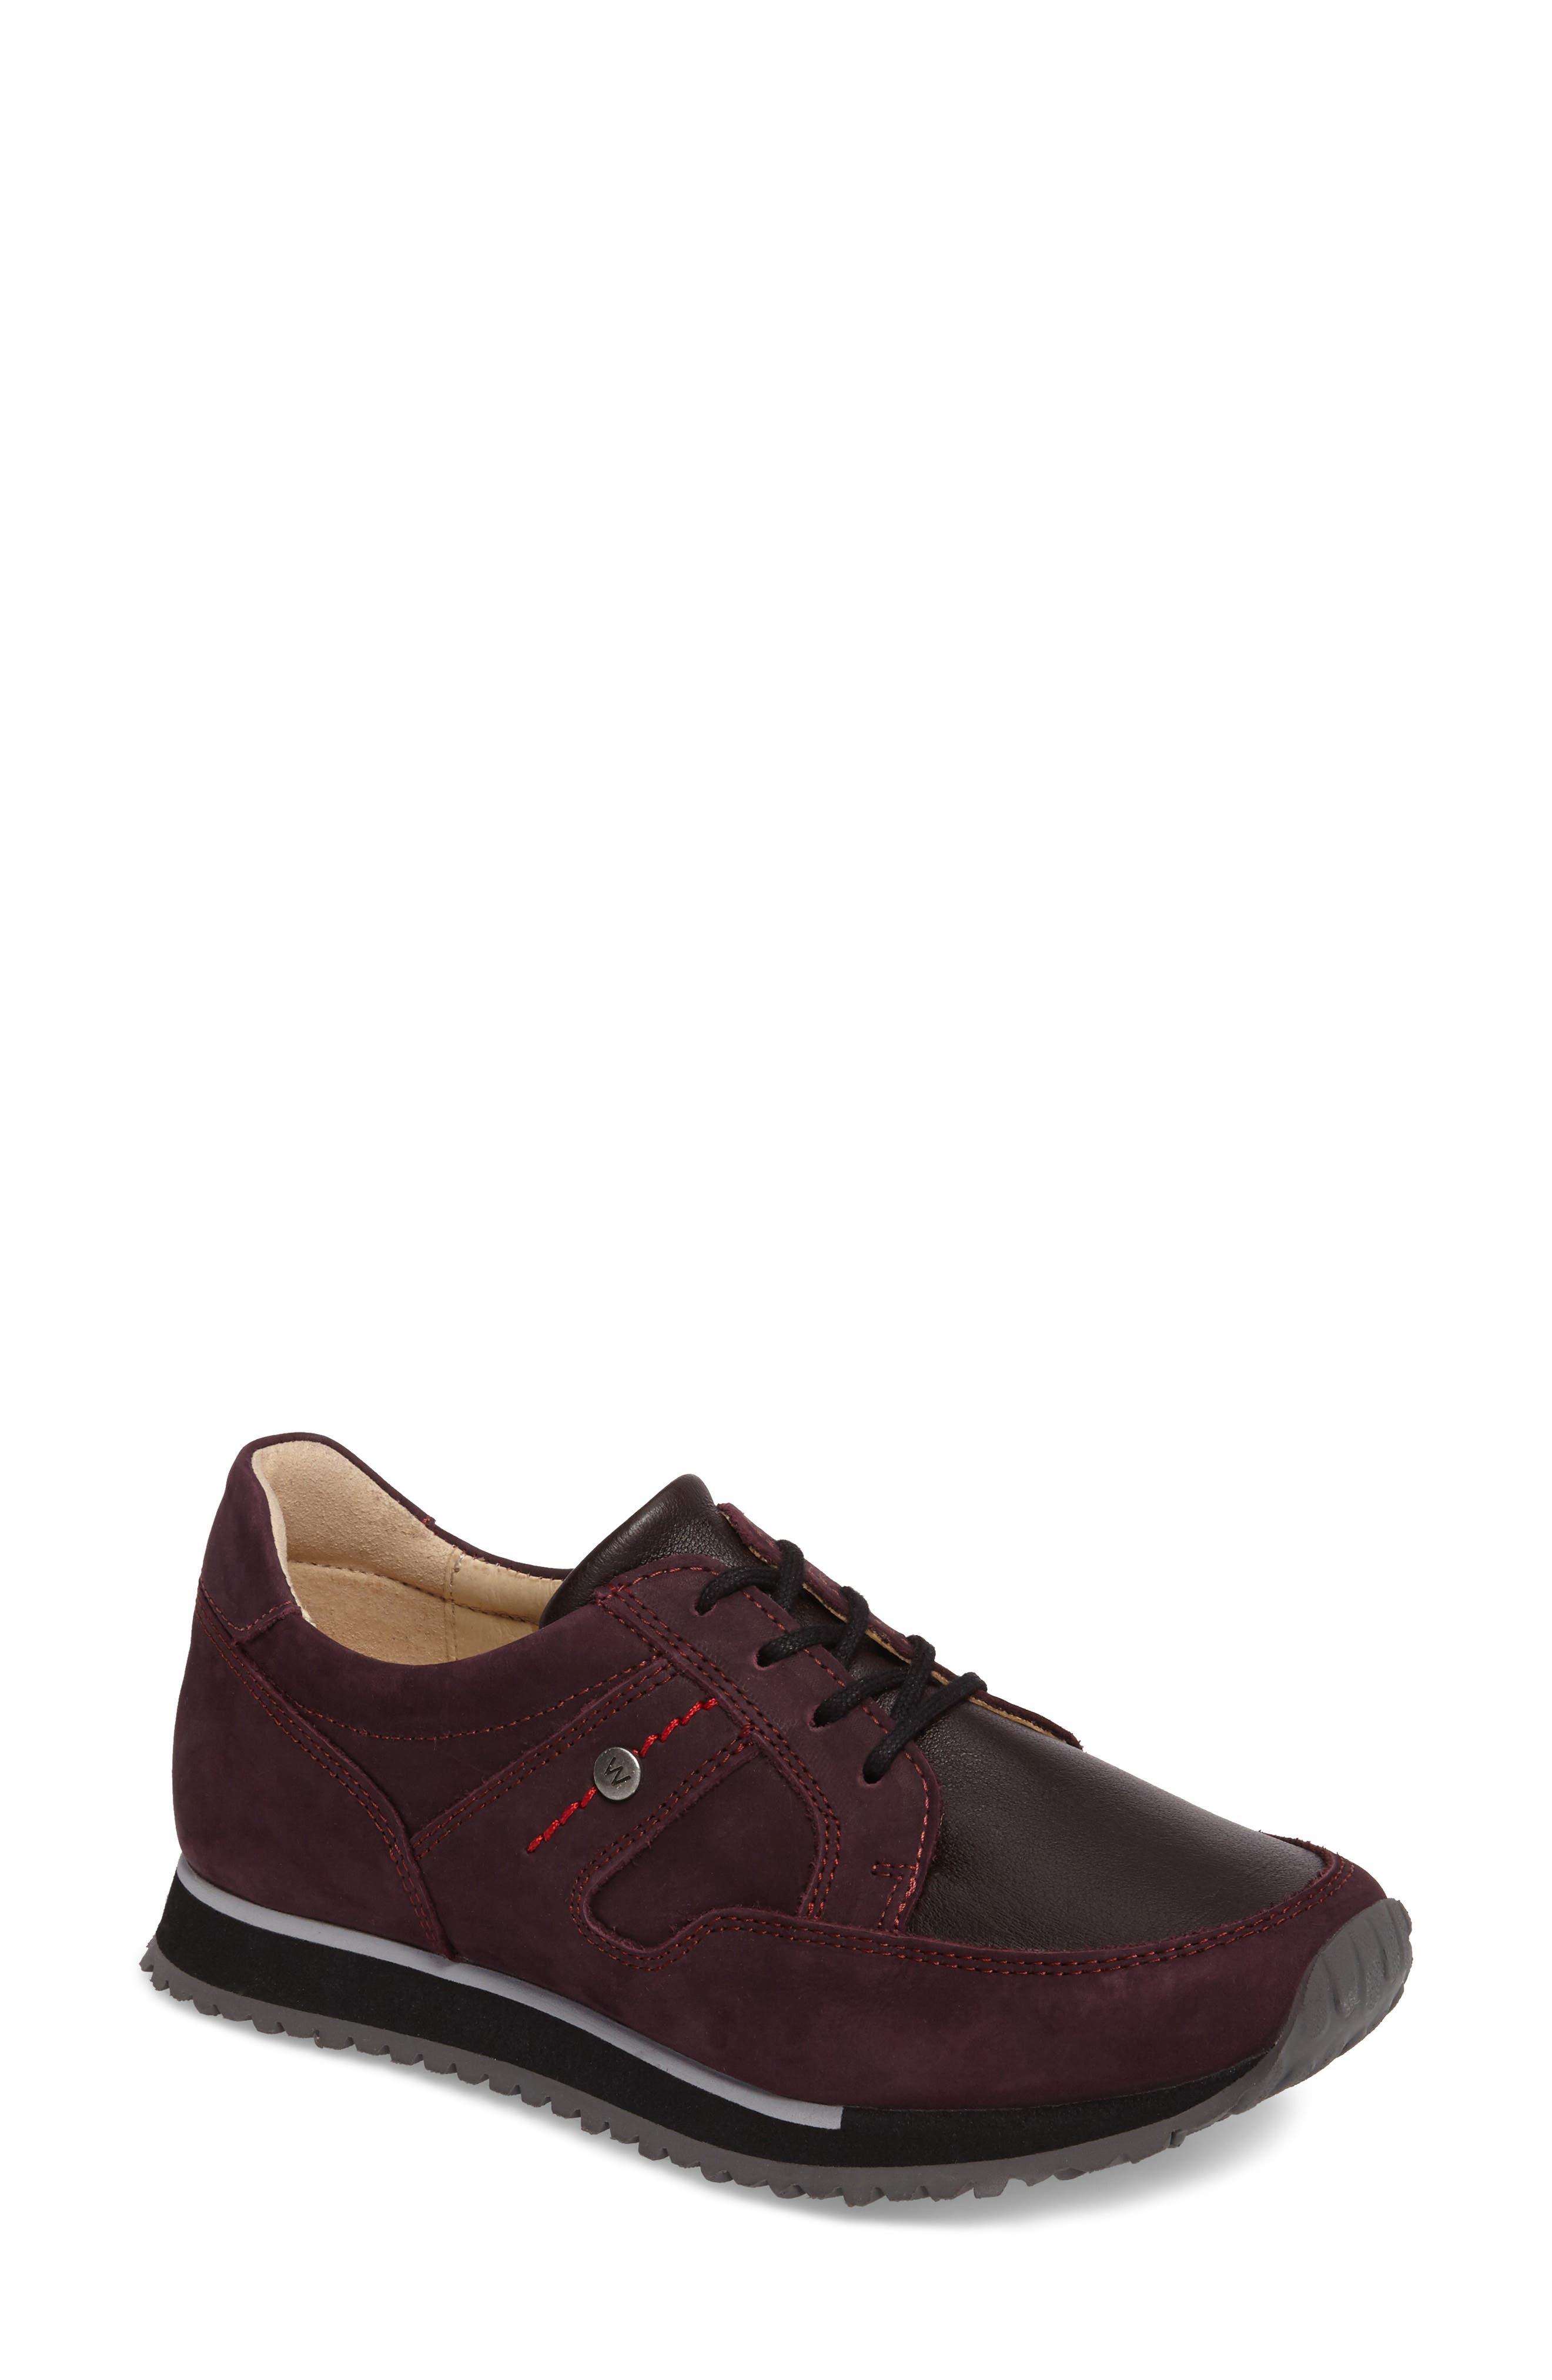 Wolky E-Walk Sneaker, Red